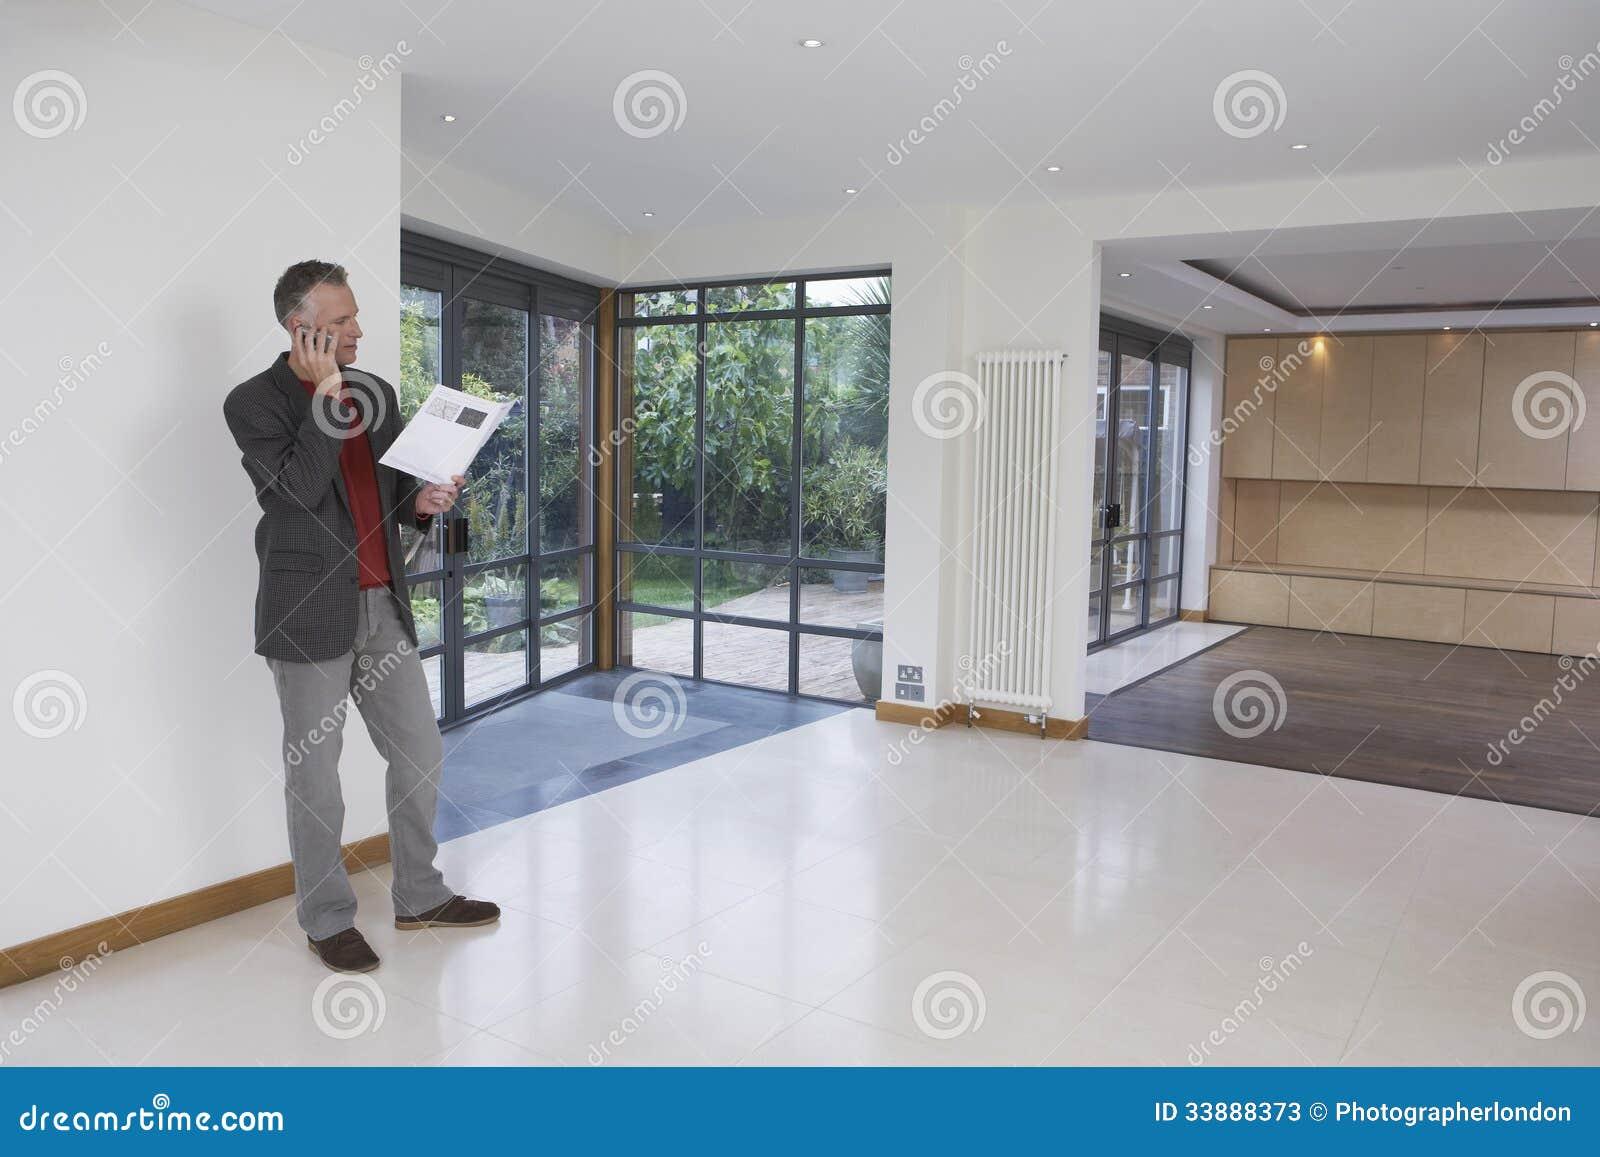 Propiedad de Using Cellphone In del agente inmobiliario nueva